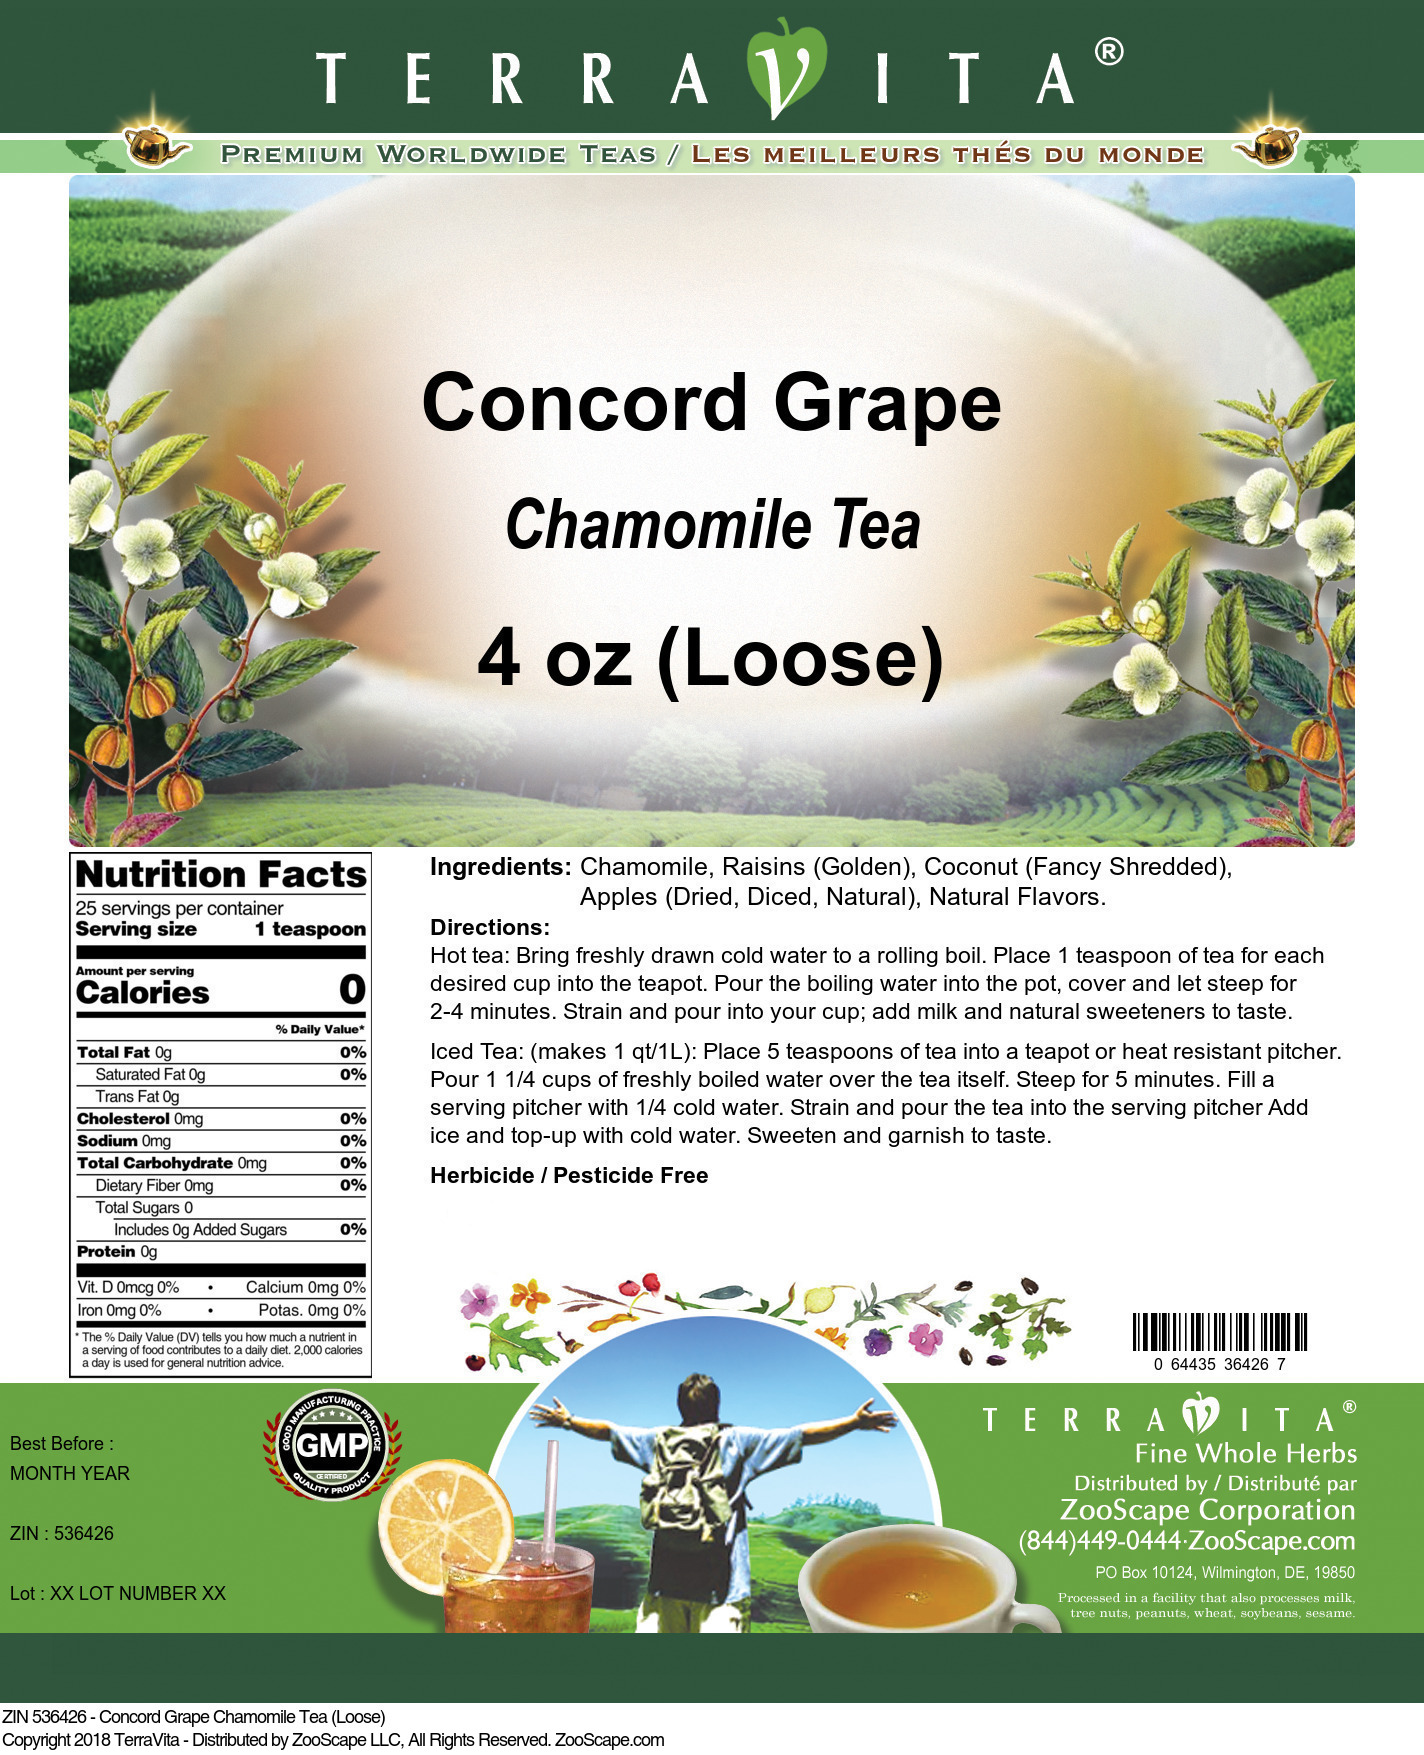 Concord Grape Chamomile Tea (Loose)